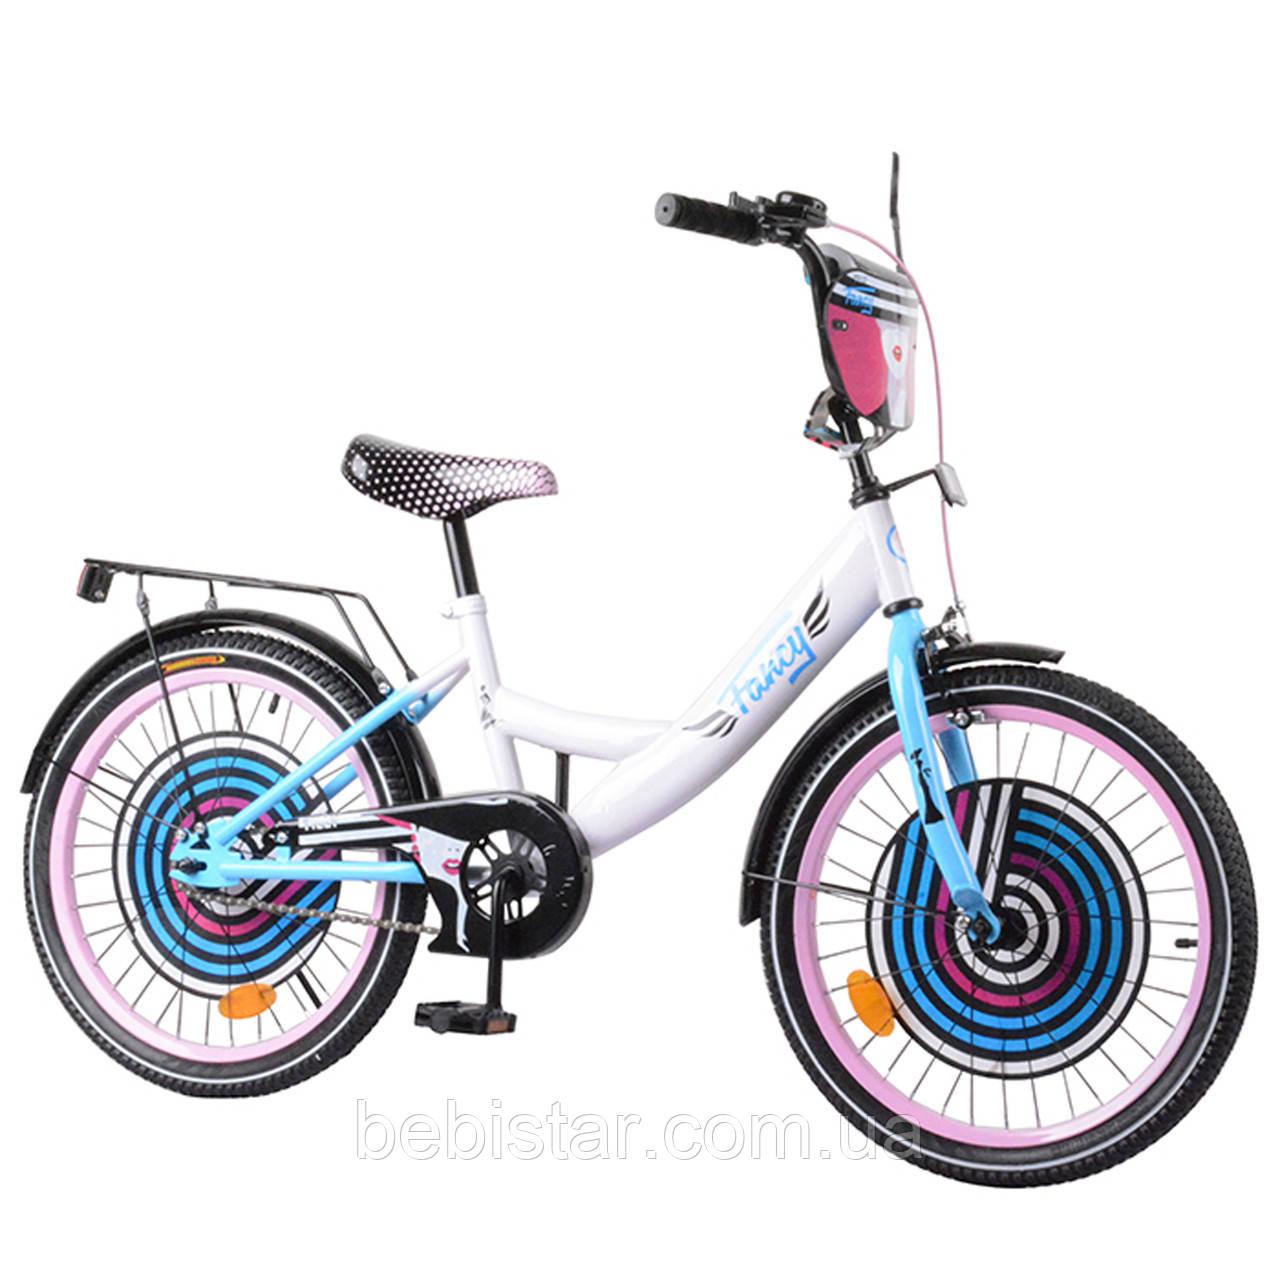 """Детский двухколесный велосипед белый с розовыми ободами Fancy 20"""" звоночек, тормоз,багажник для деток 6-9 лет"""